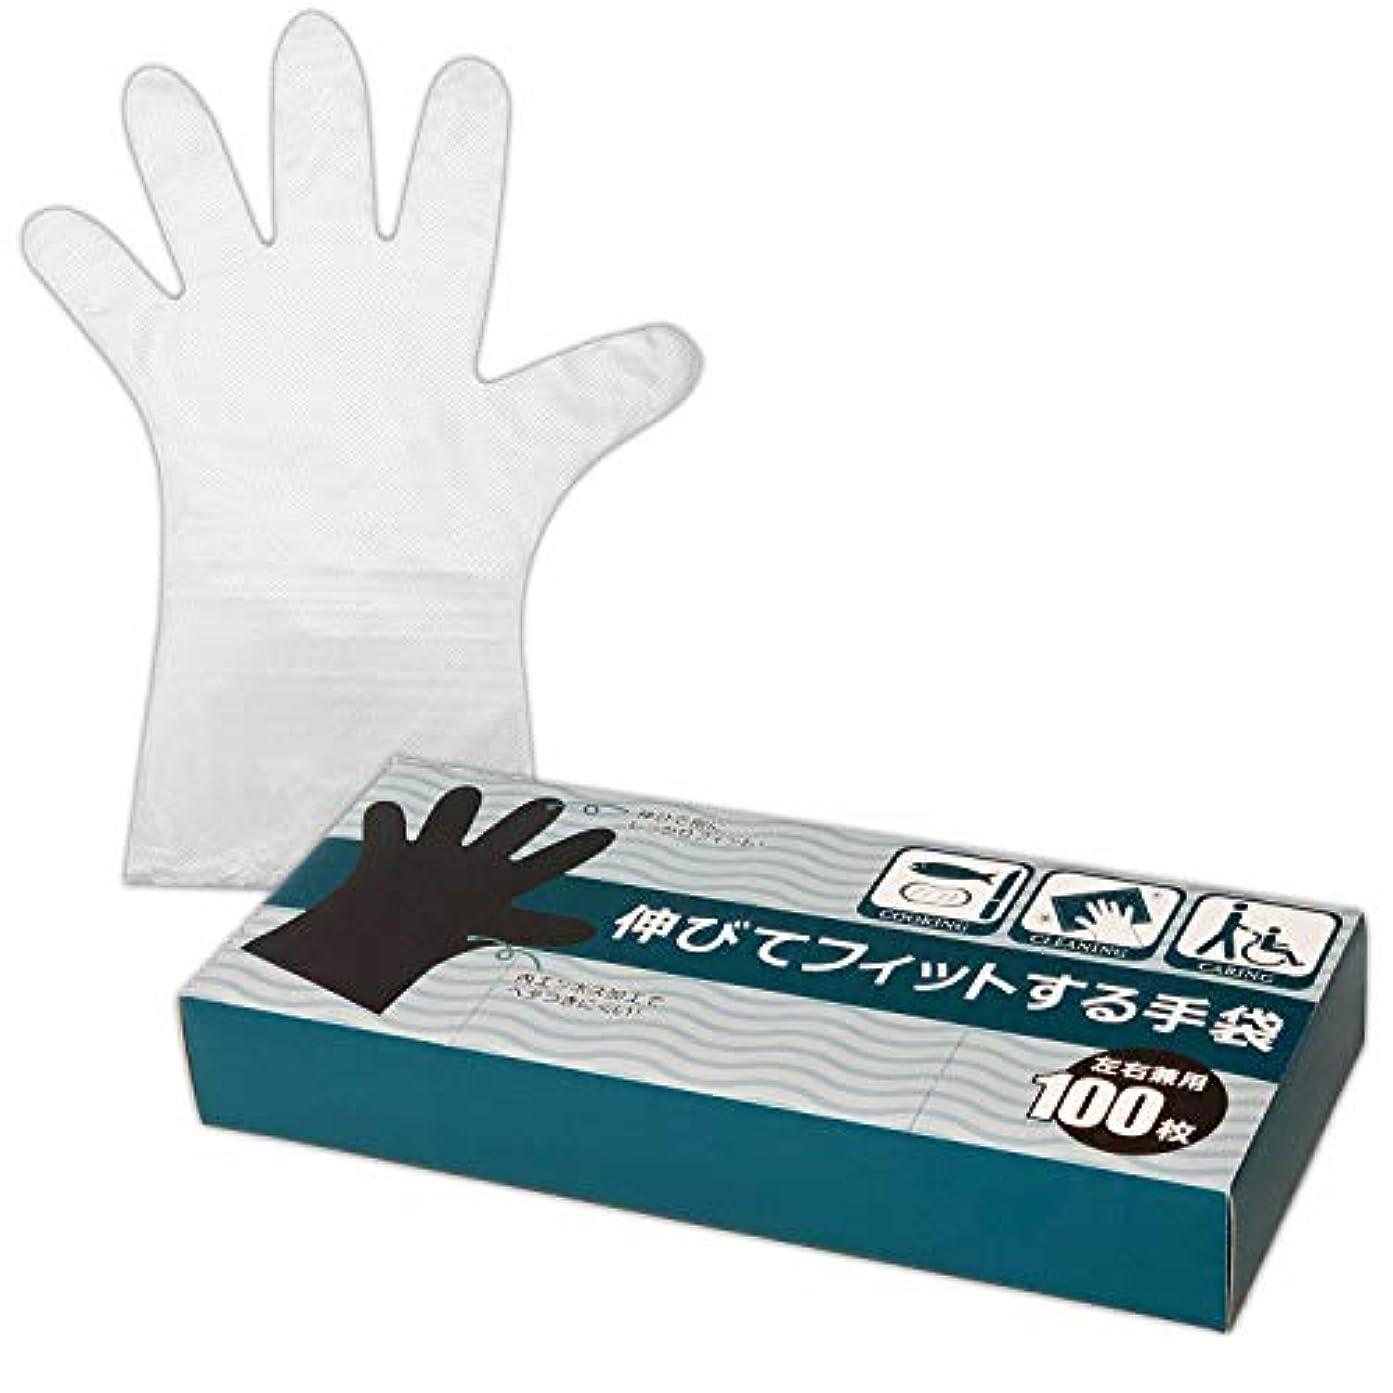 いつでも祈る恥ずかしさ伸びてフィットする手袋 100枚入 使い捨て 作業用 キッチン 掃除 料理 介護